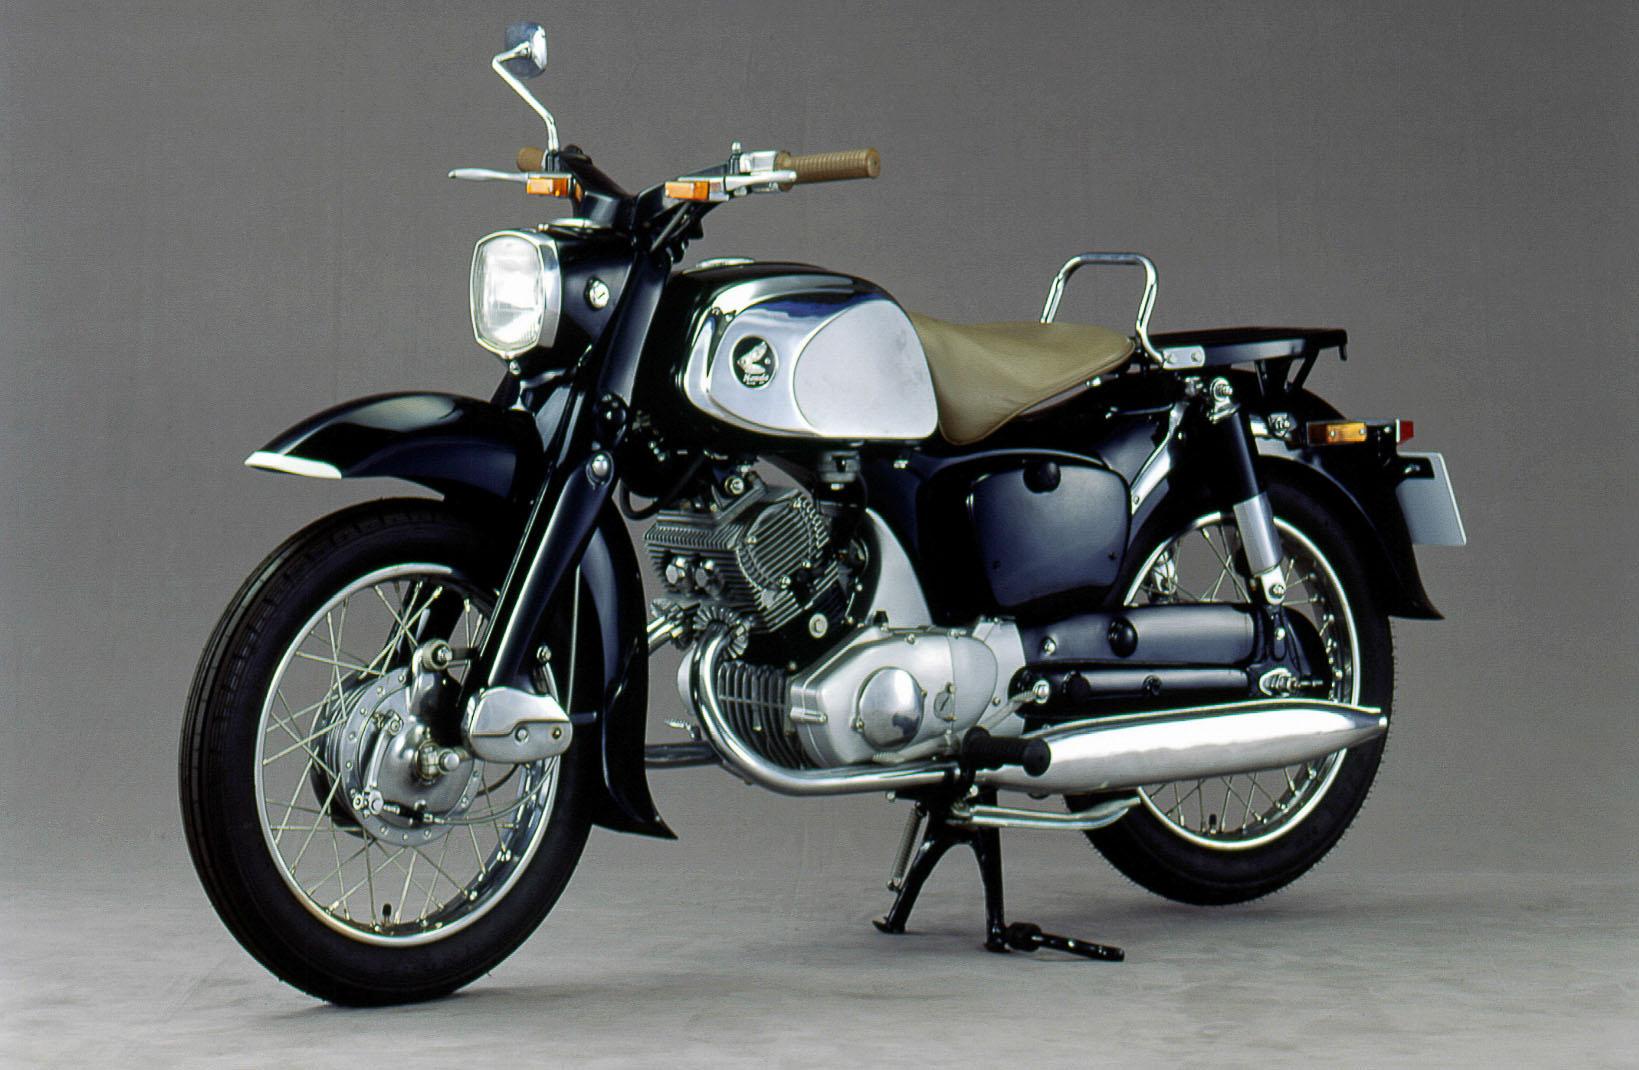 HONDA C90/C92 (1959-1964)